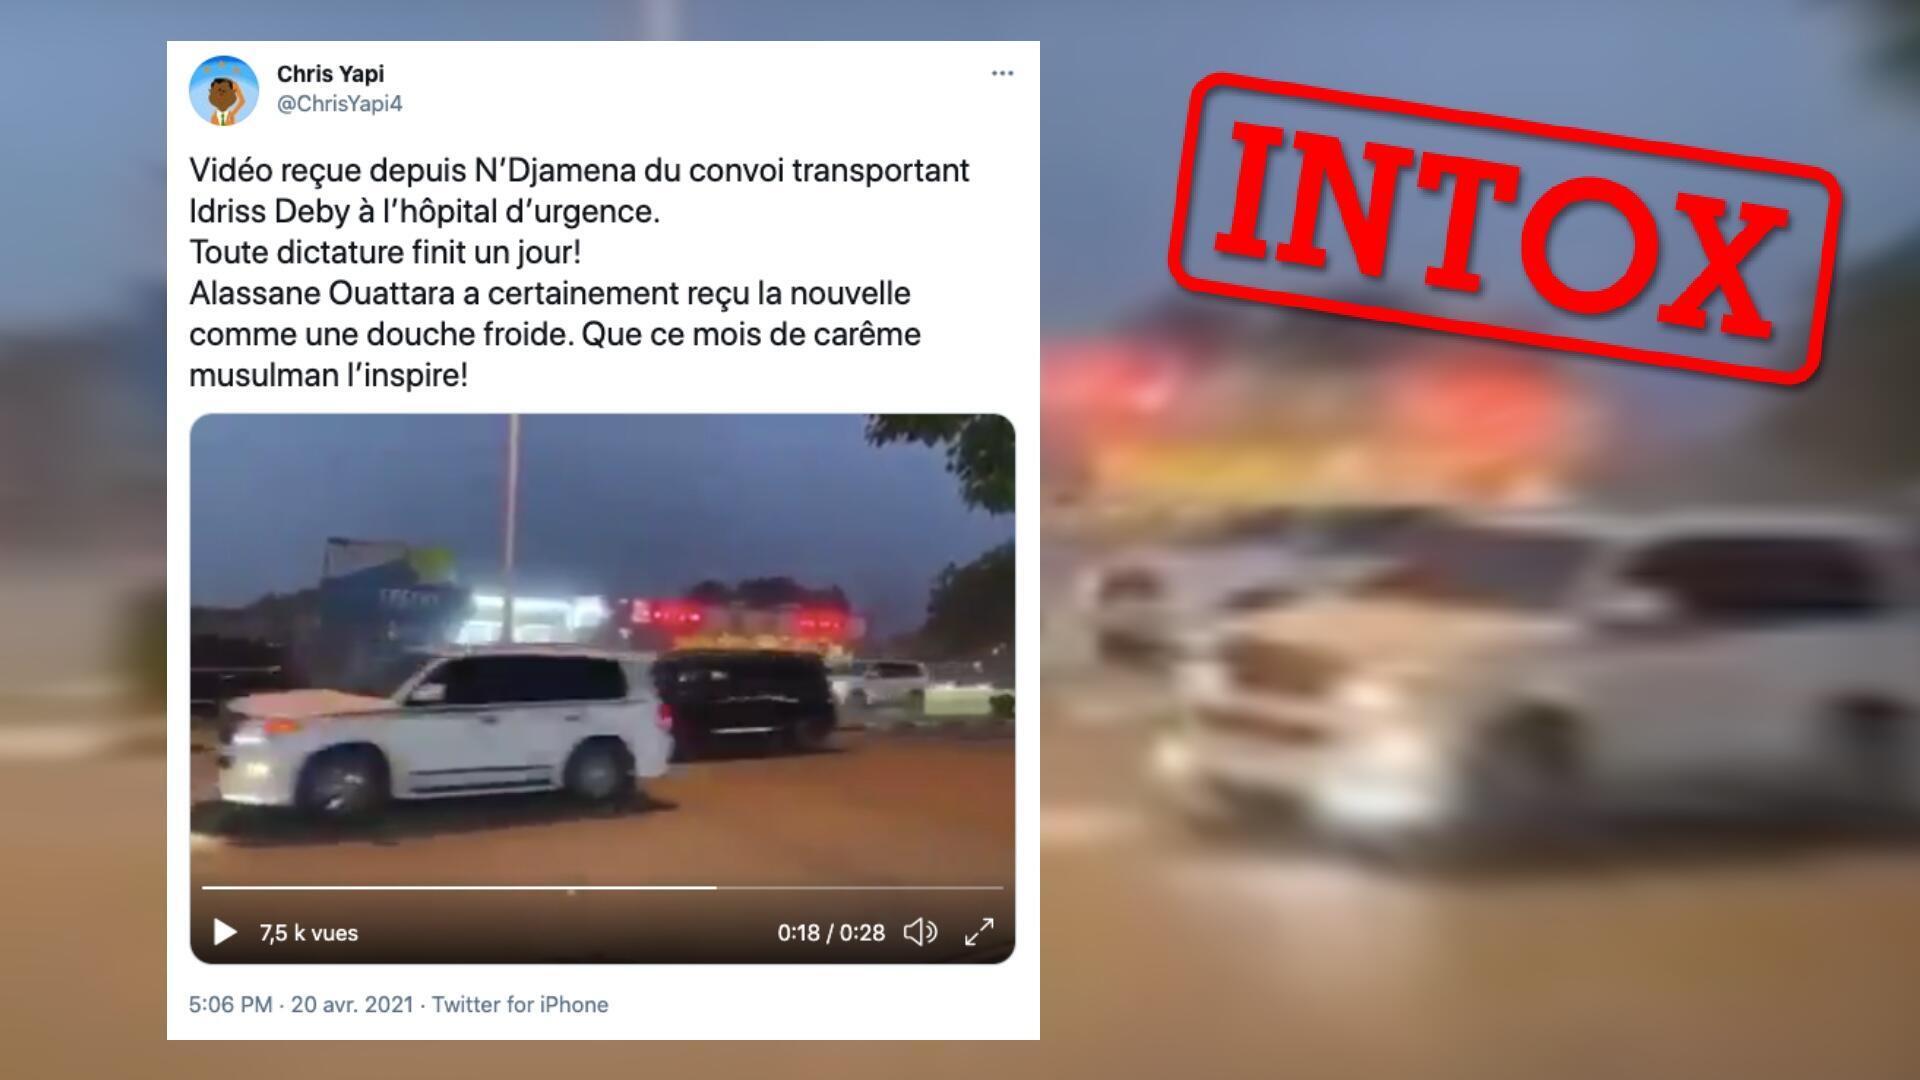 Cette vidéo ne peut pas montrer le convoi ayant transporté le président tchadien à l'hôpital, car elle date d'au moins plusieurs semaines.